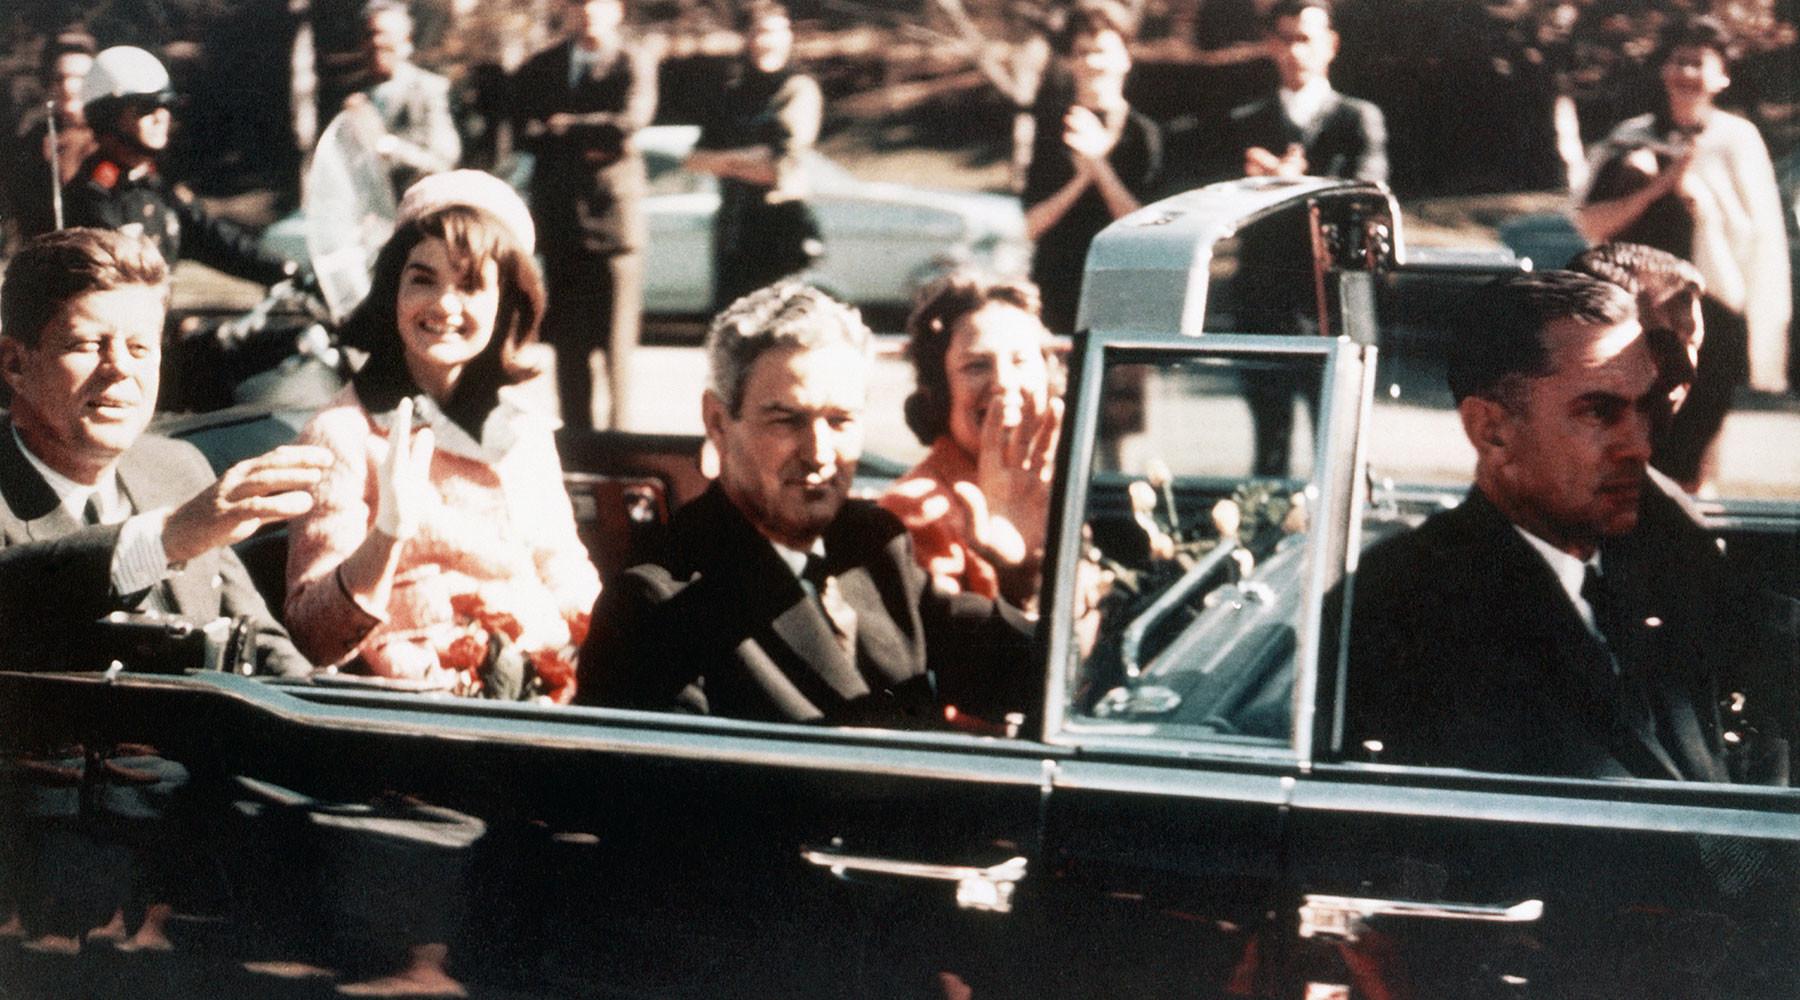 Мафия, спецслужбы или Советский Союз: почему американцы до сих пор не верят результатам расследования убийства Кеннеди